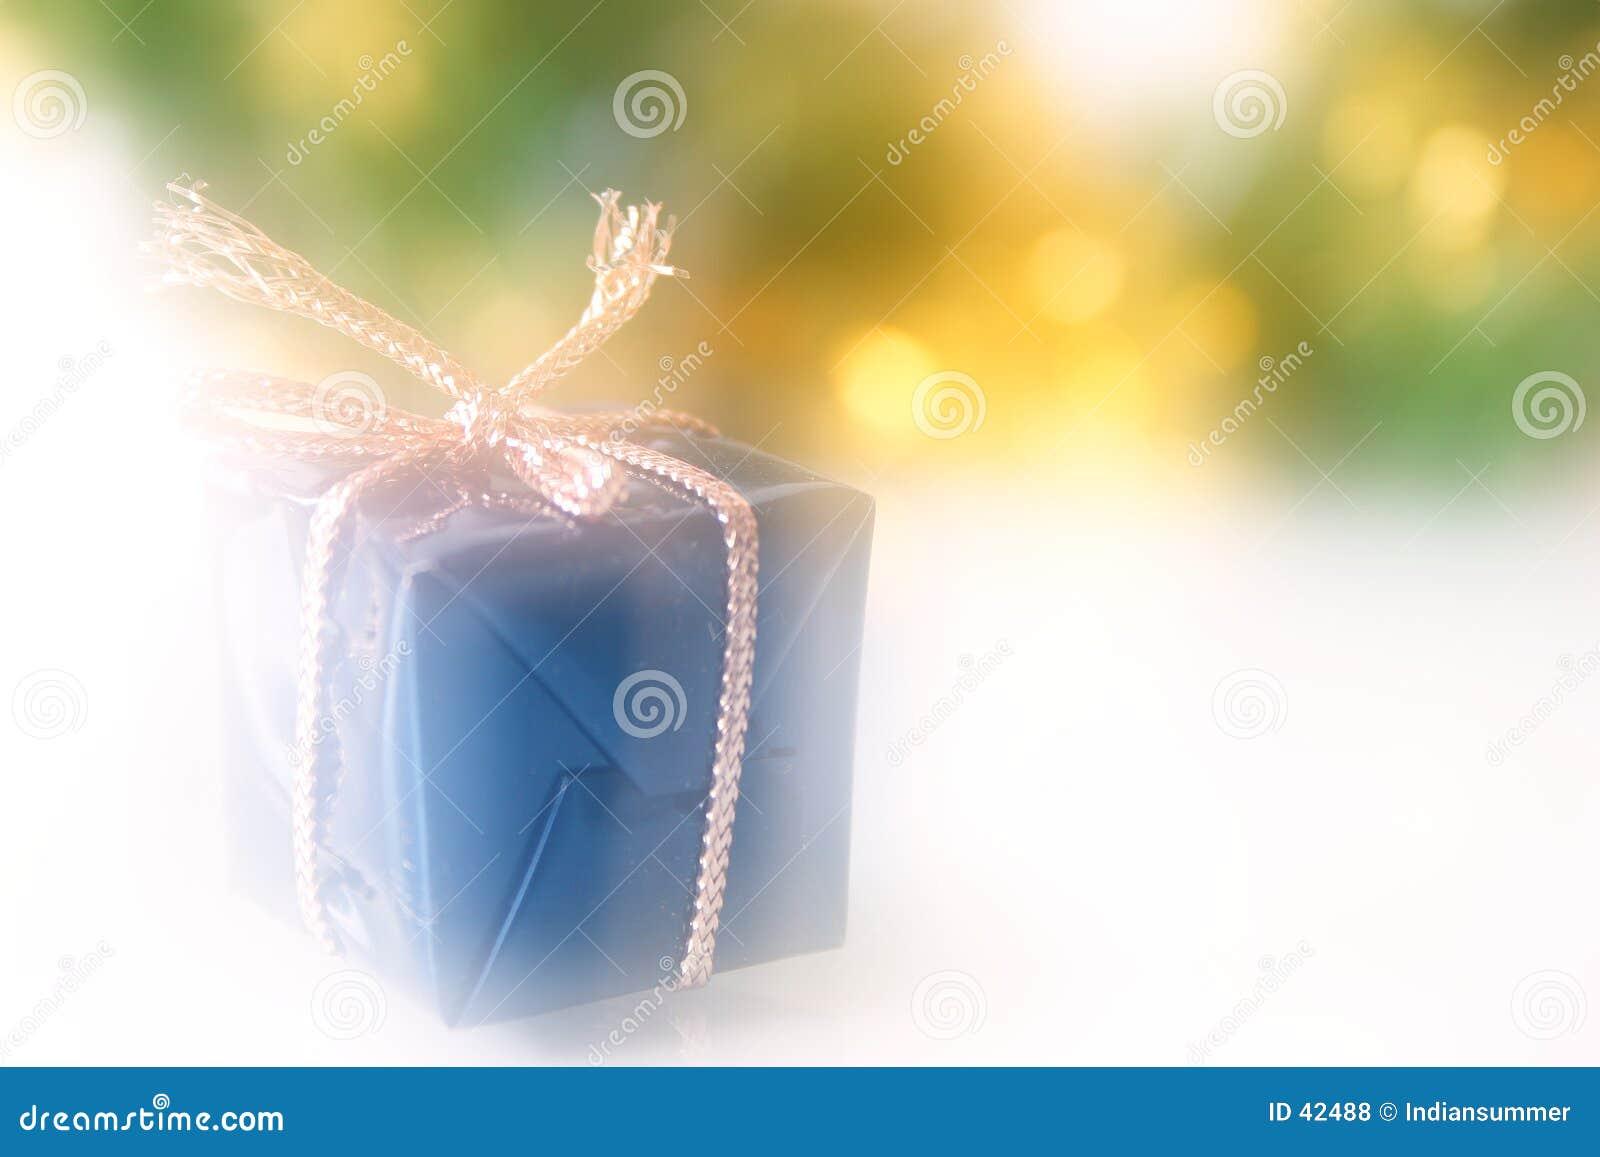 Download Fondo 2 de la Navidad foto de archivo. Imagen de textura - 42488